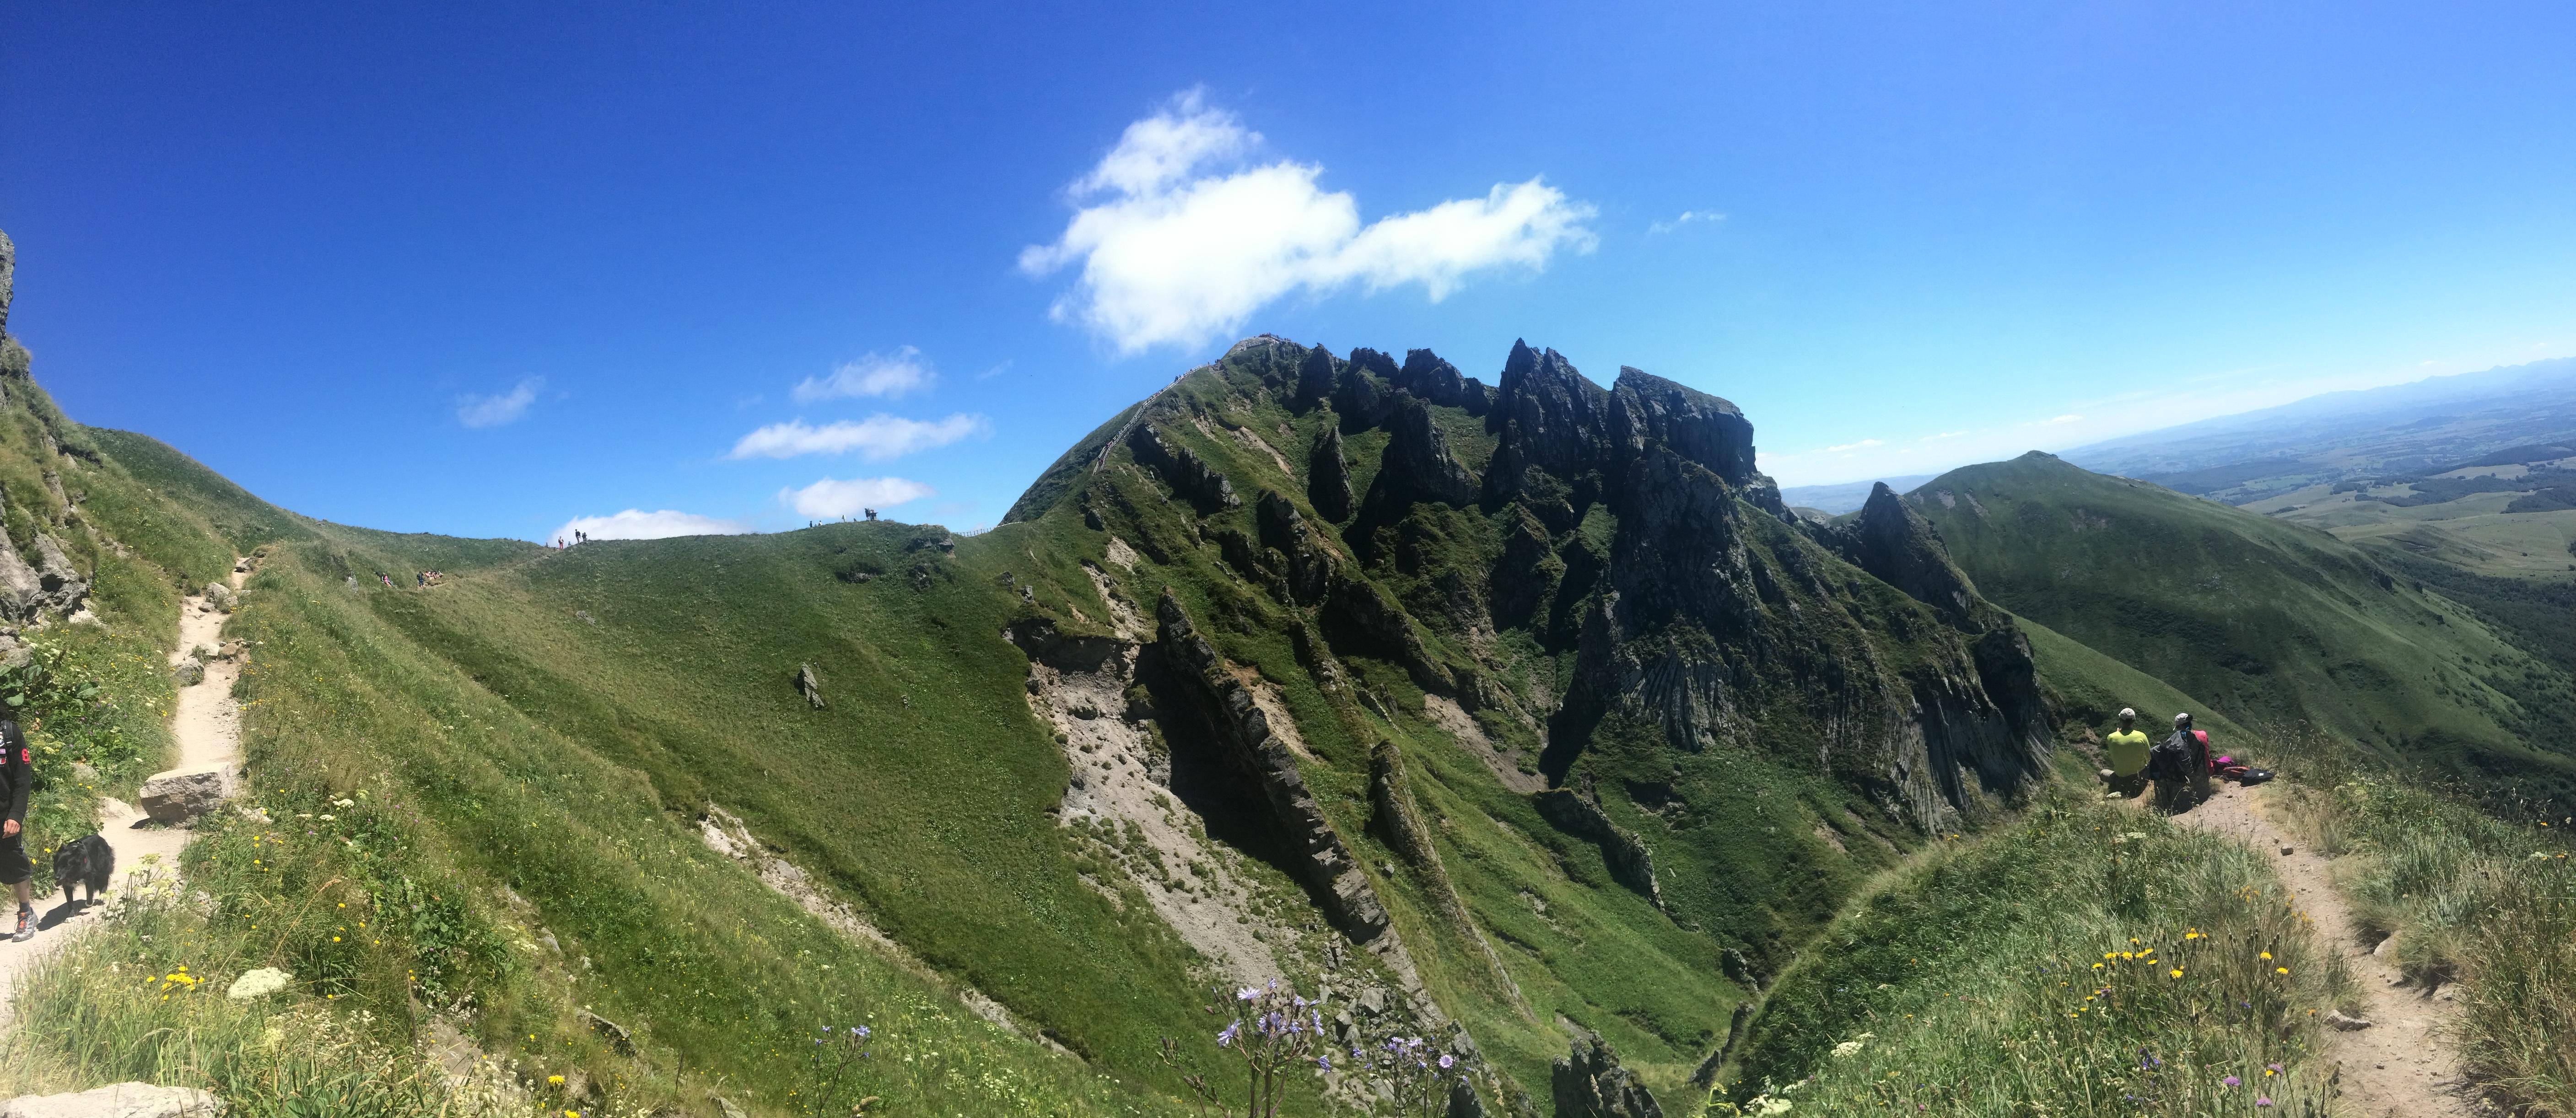 Puy de sancy les boucs en train - Le mont dore office du tourisme ...